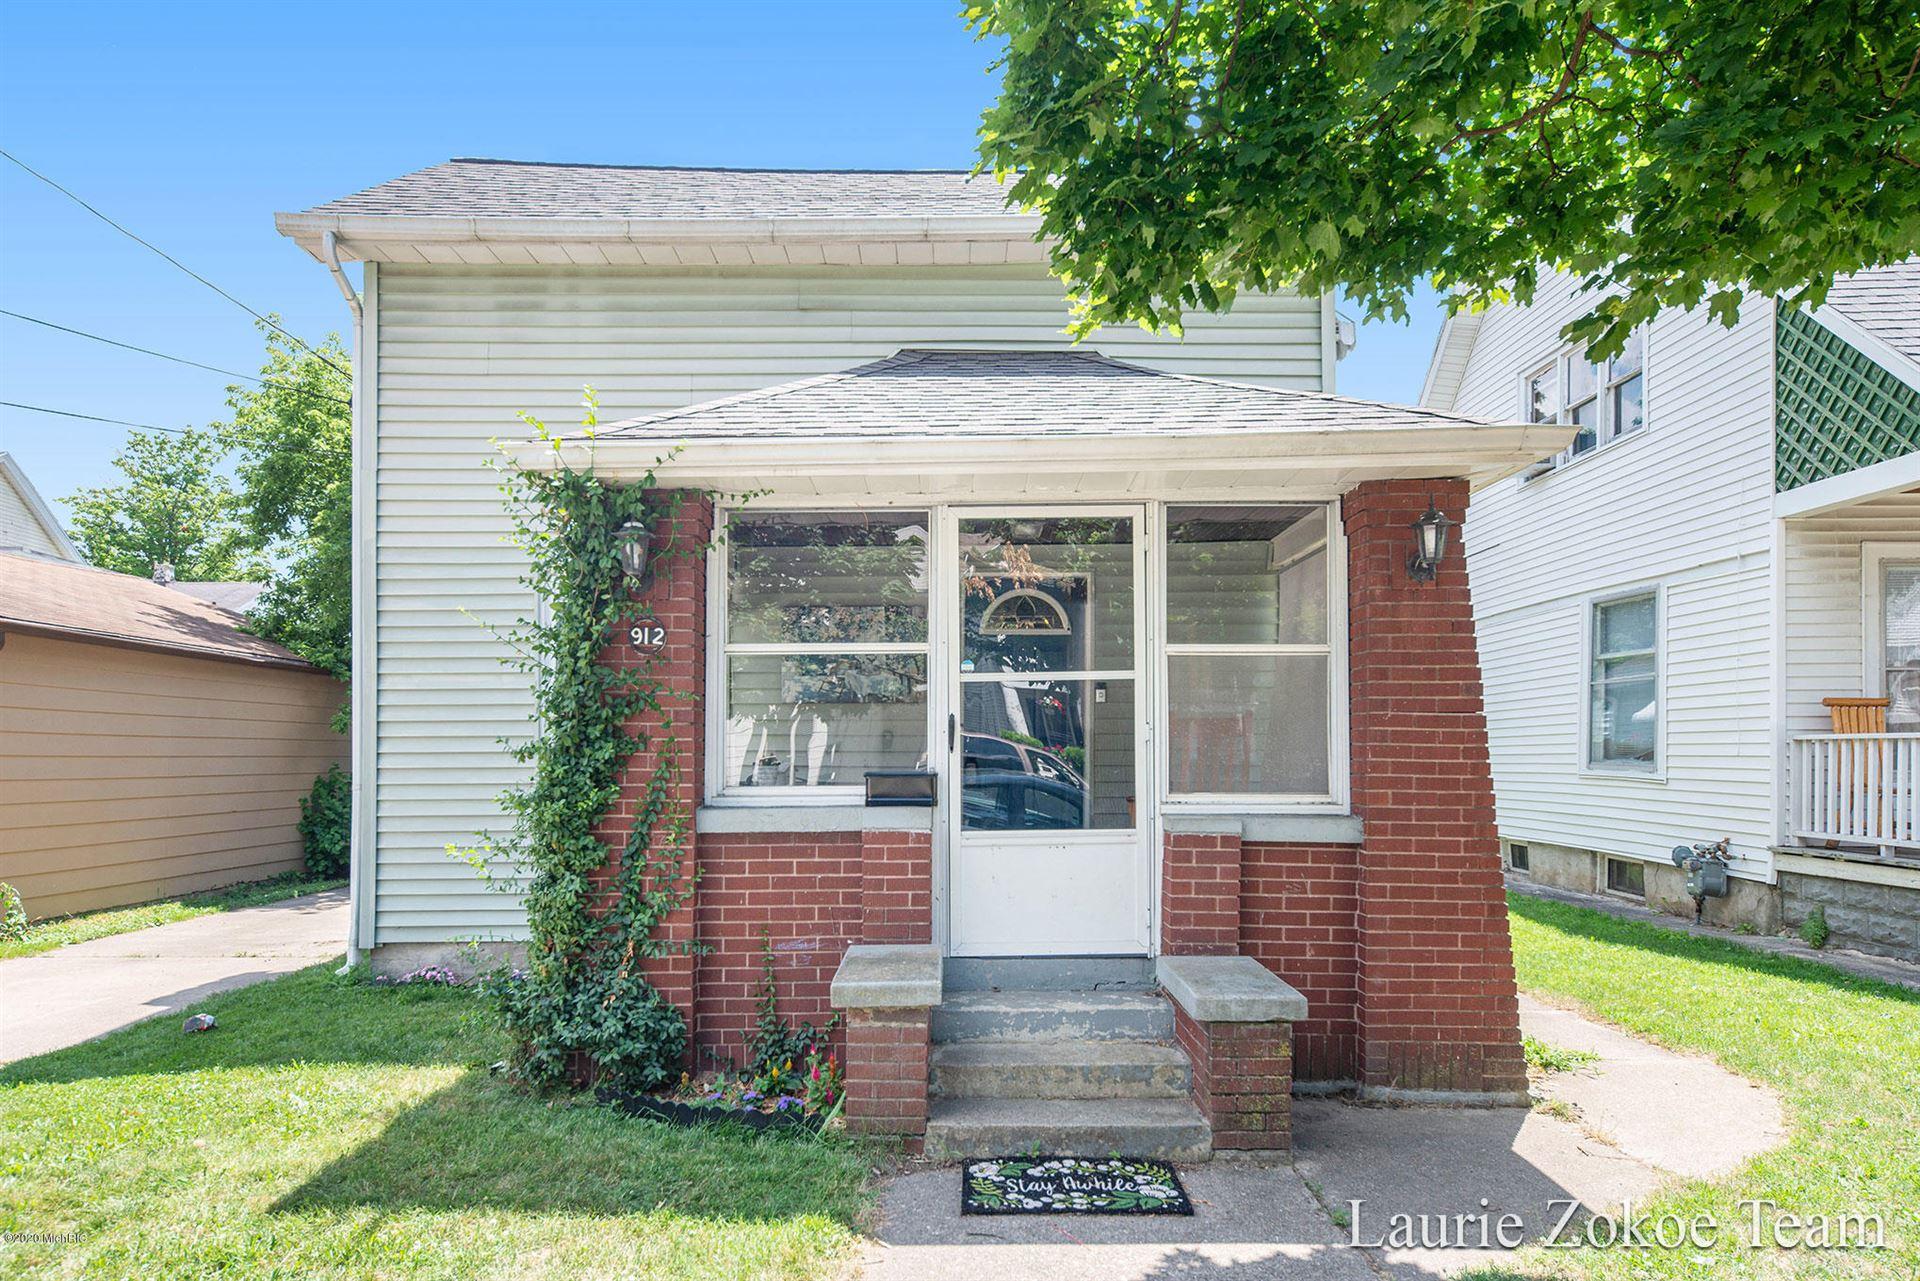 912 3rd Street NW, Grand Rapids, MI 49504 - MLS#: 20025731